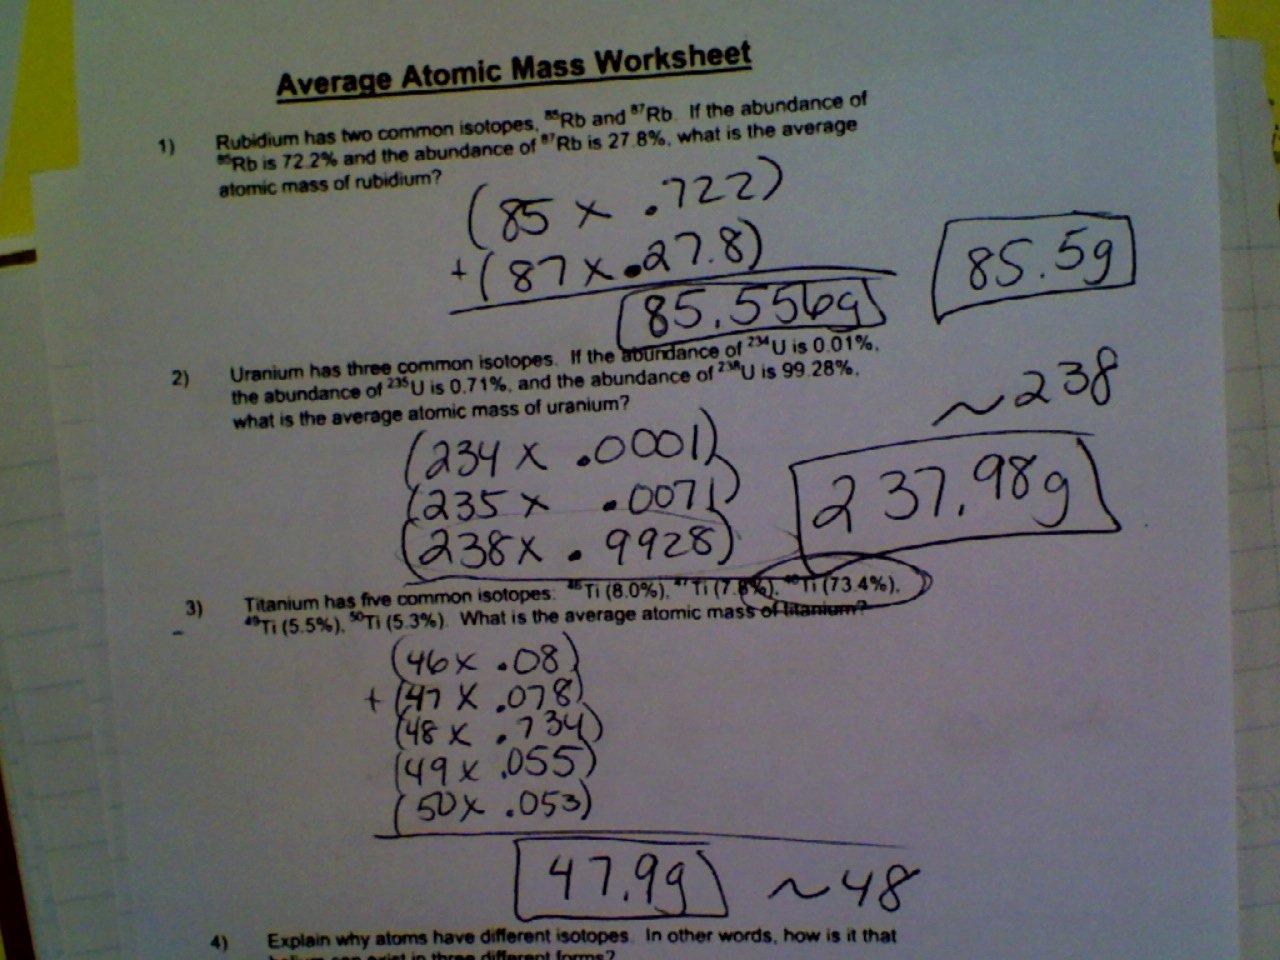 Calculating Average atomic Mass Worksheet Elegant 55 Calculating Average atomic Mass Worksheet Calculating